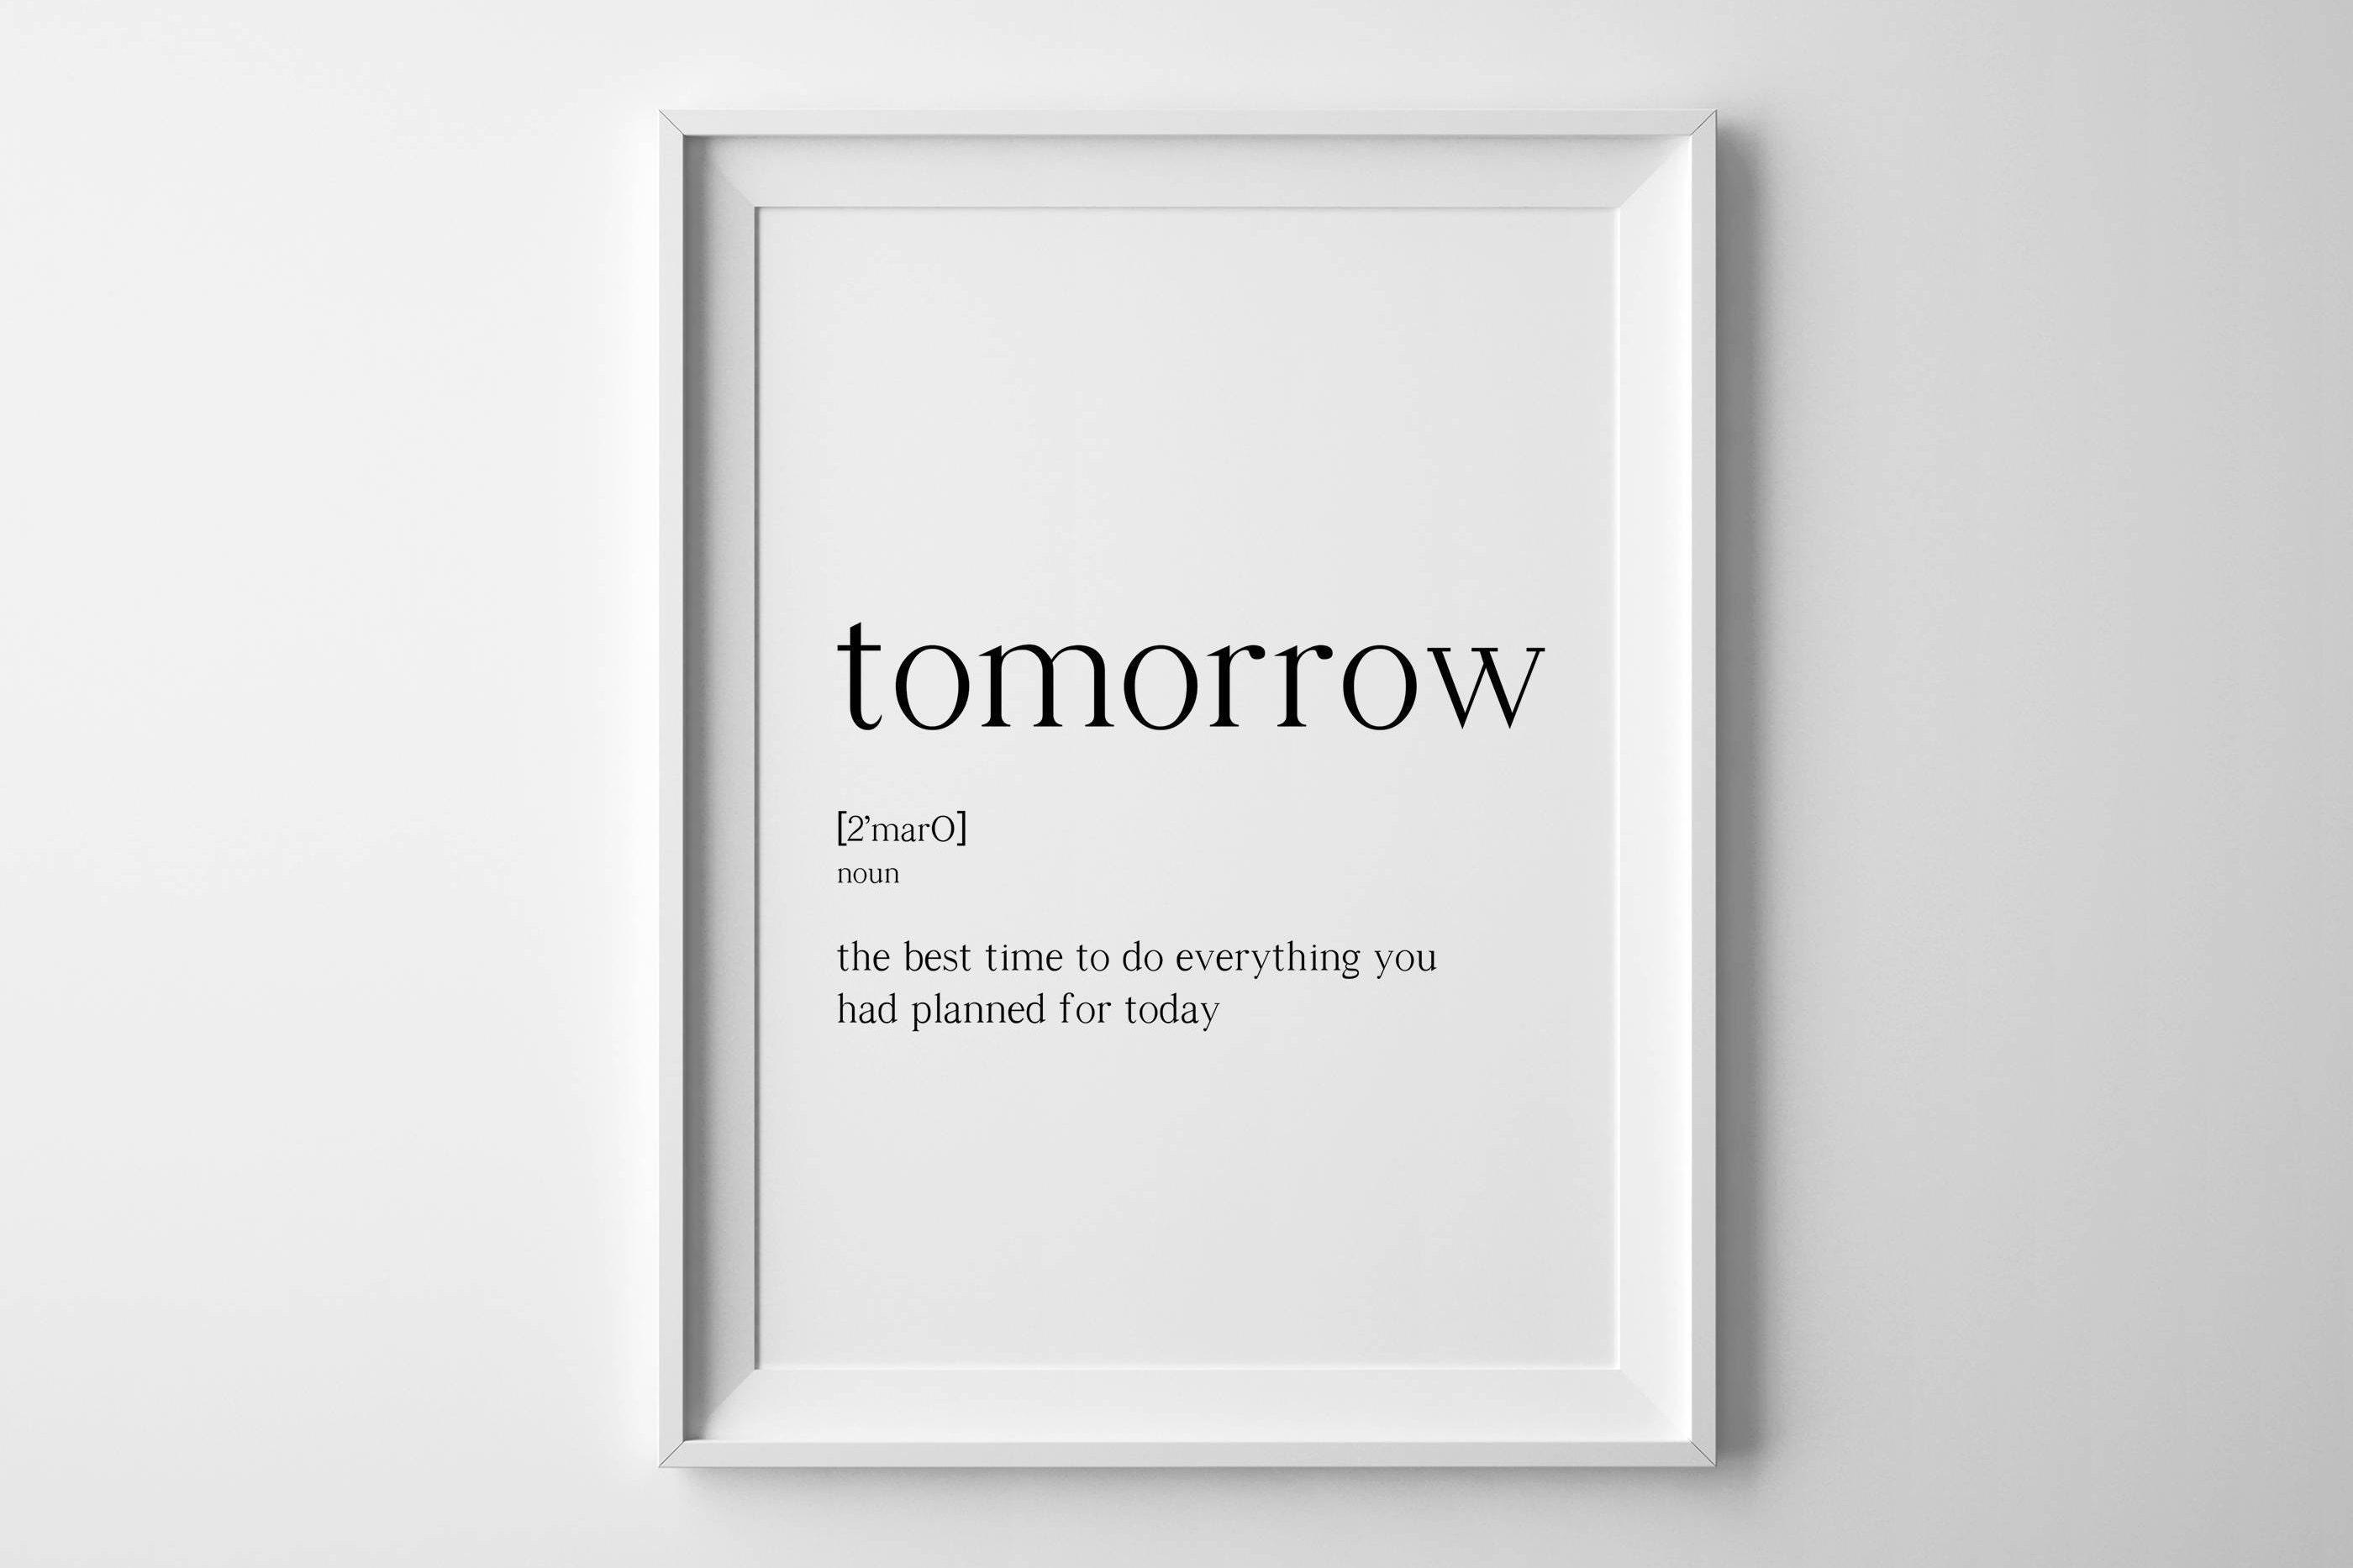 Morgen drucken Definitionen morgen städtischen Wörterbuch